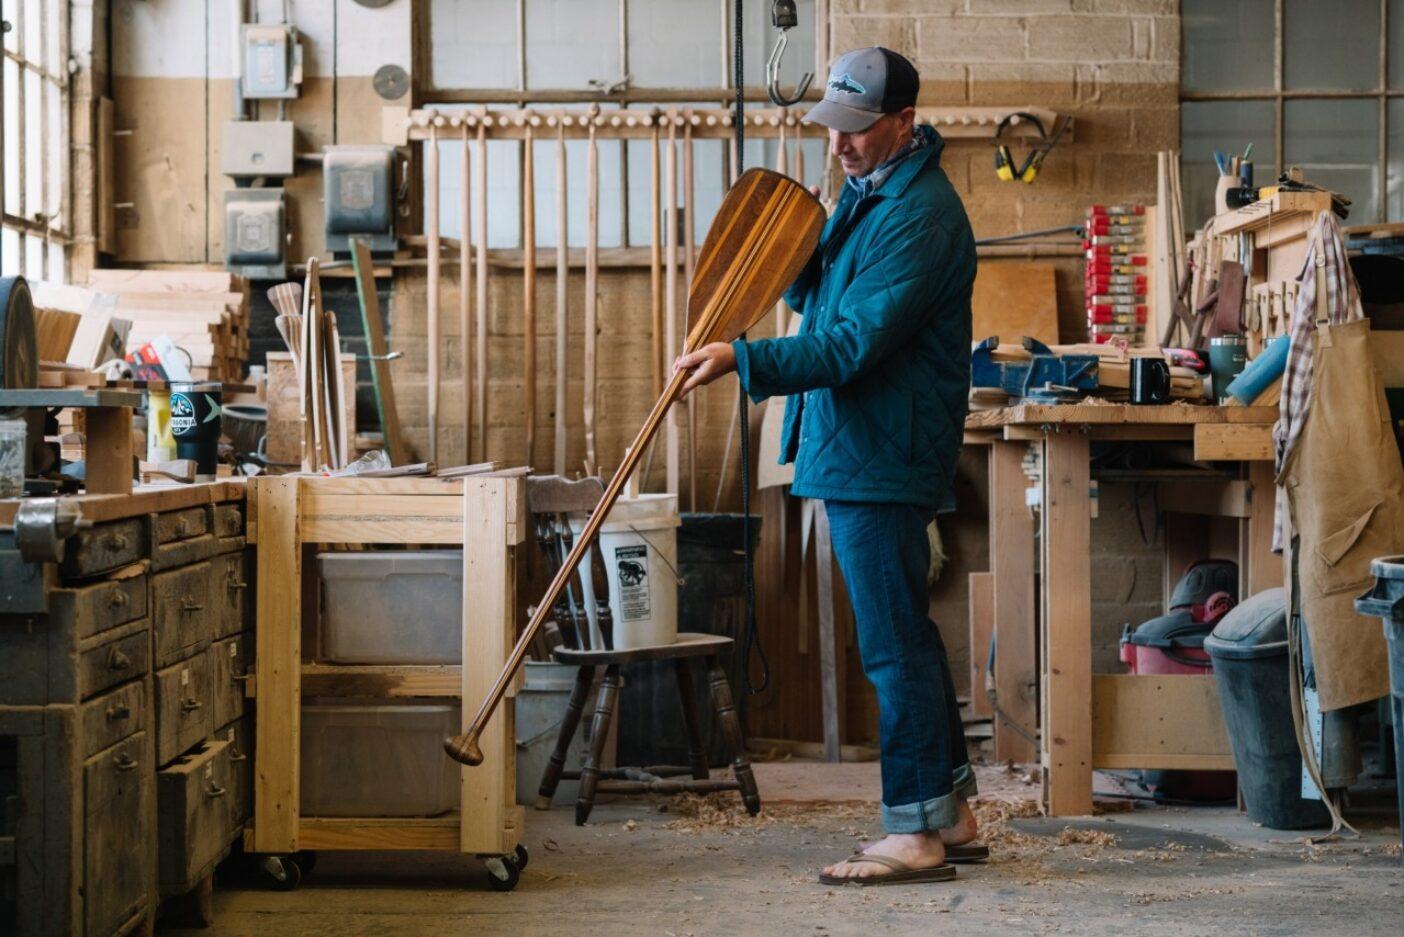 新たに完成した152センチのカヌーの筋肉稼働エンジンの線の美しさに間違いなく惚れ込む著者。ミネソタ州ウィノナのサンボーン・カヌー・カンパニー Photo : TONY CZECH